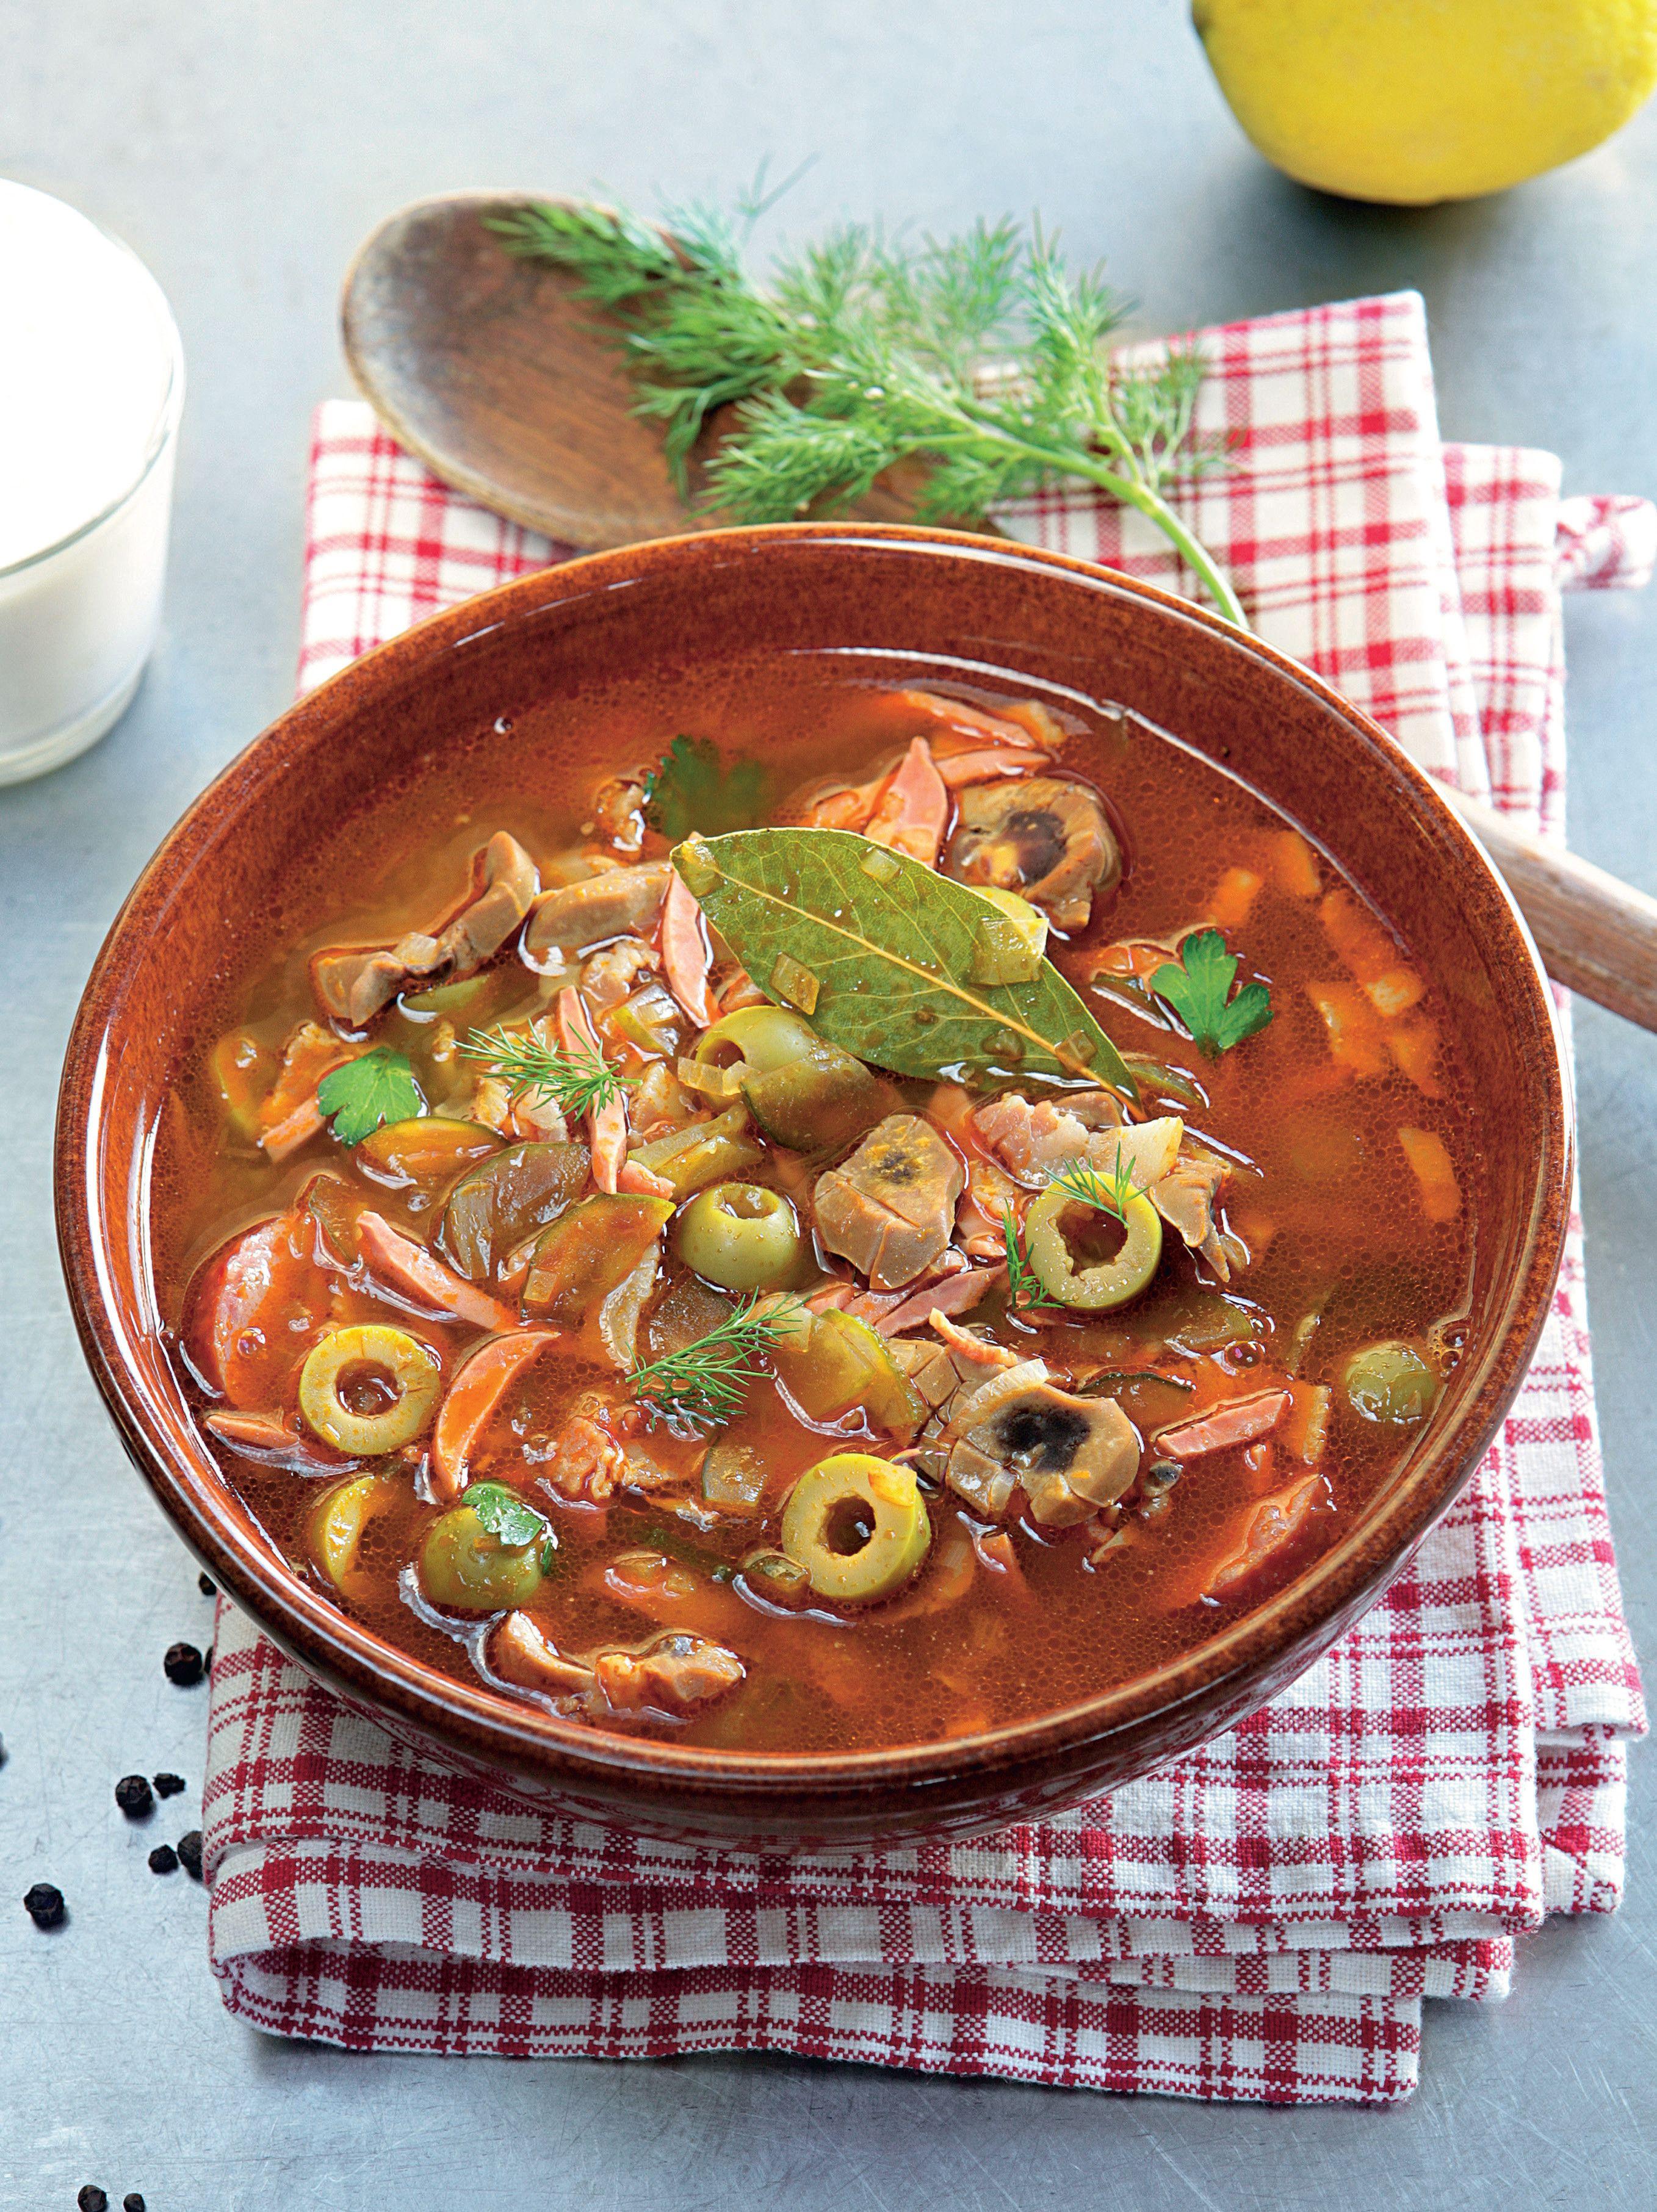 крепить сразу рецепт супа солянка сборная мясная с фото комплексов женщин